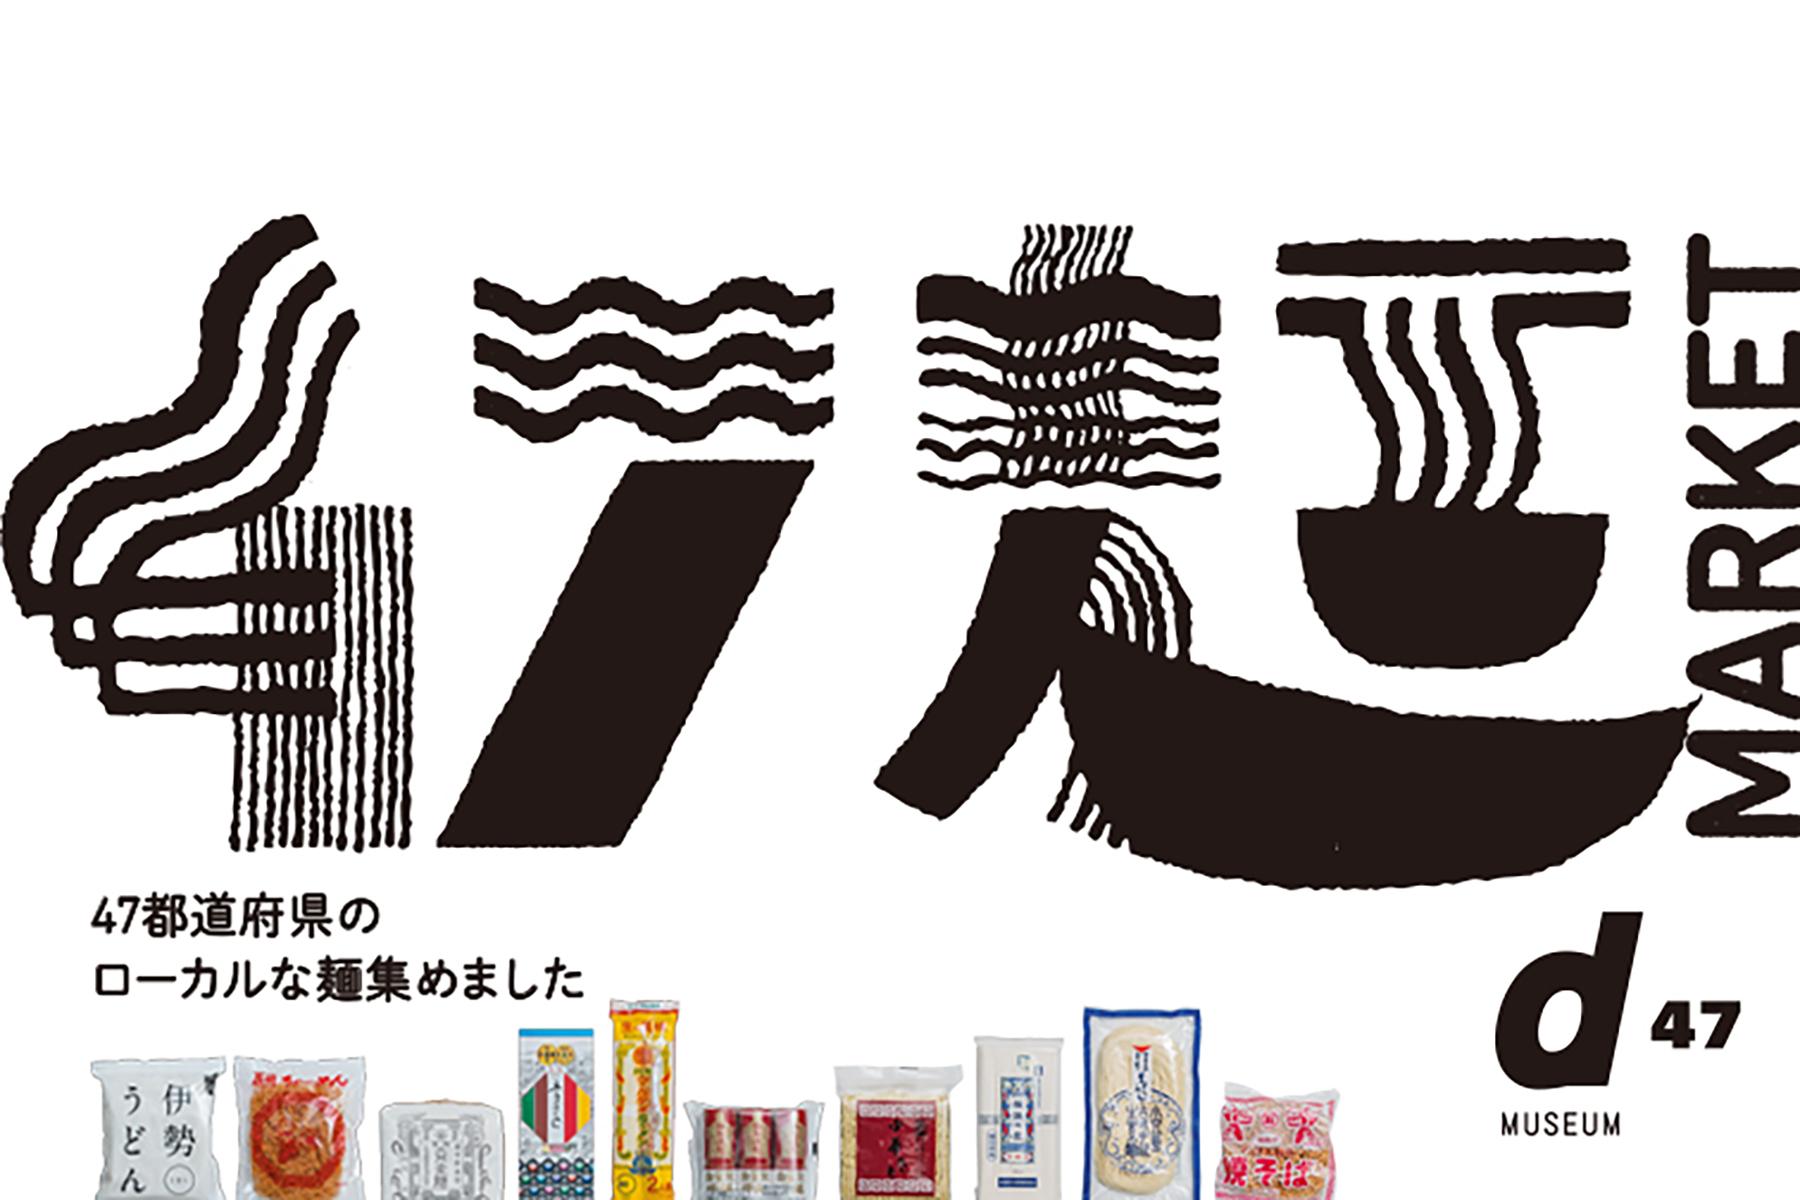 2017年推出的「47都道府縣當地麵條,看日本料理個性」則是網羅47都道府縣的在地麵條,挑選標準不只好吃、使用當地食材,更要以此分析地飲食習慣。展出同時可購買麵條回家,真實體驗47種吃麵的方式。